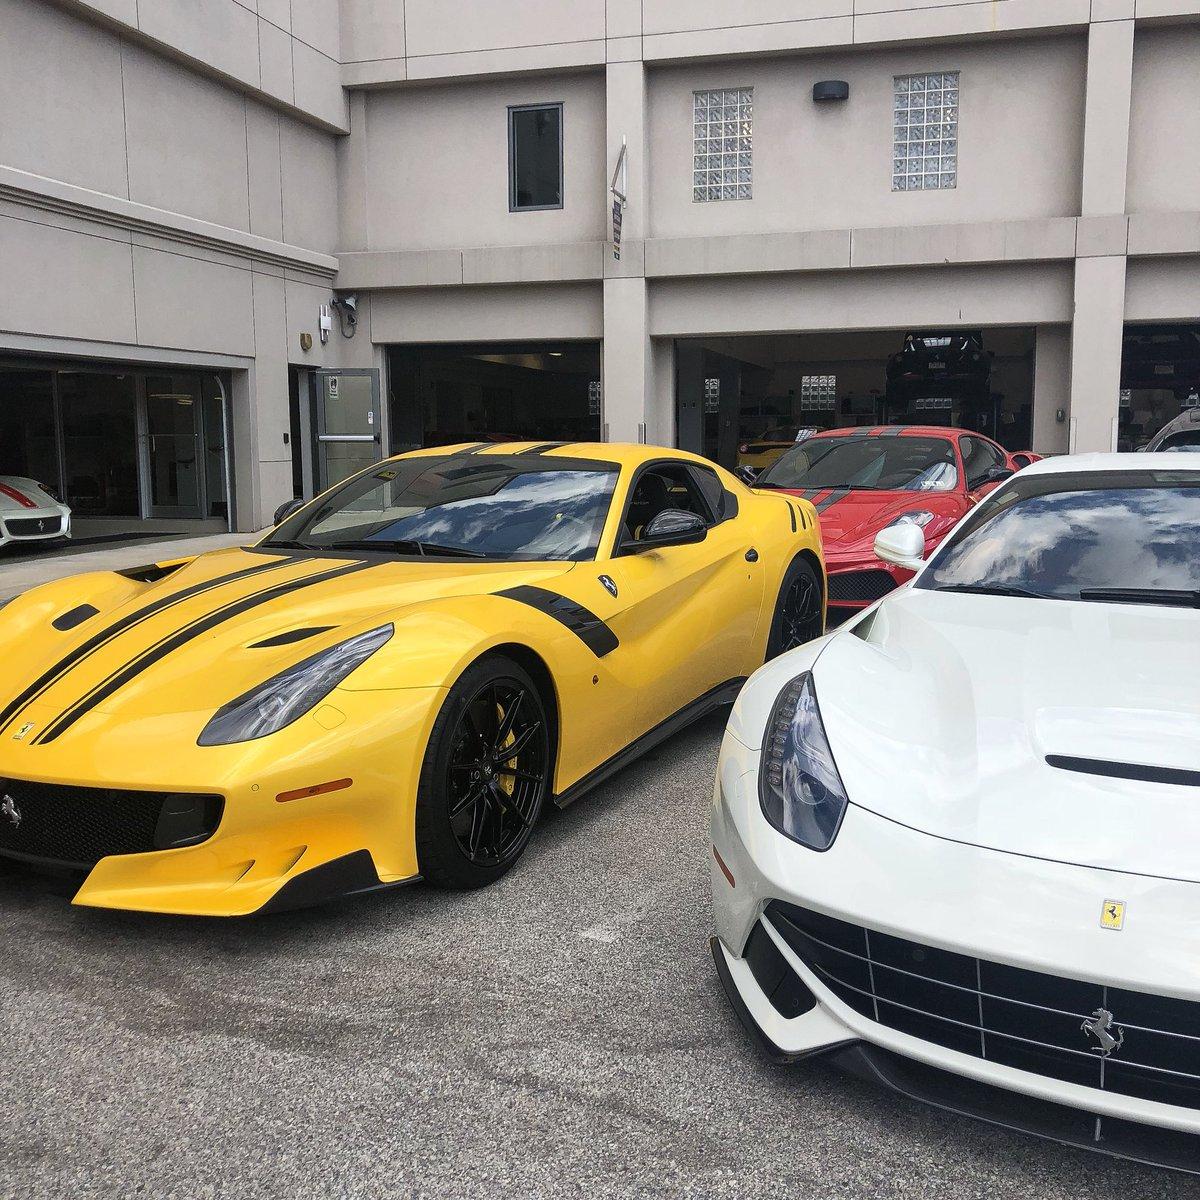 Algar Ferrari Of Philadelphia On Twitter There S A Lot Of Horsepower In Our Service Dept Today F12 F12tdf 599gto 430scuderia Algarferrari